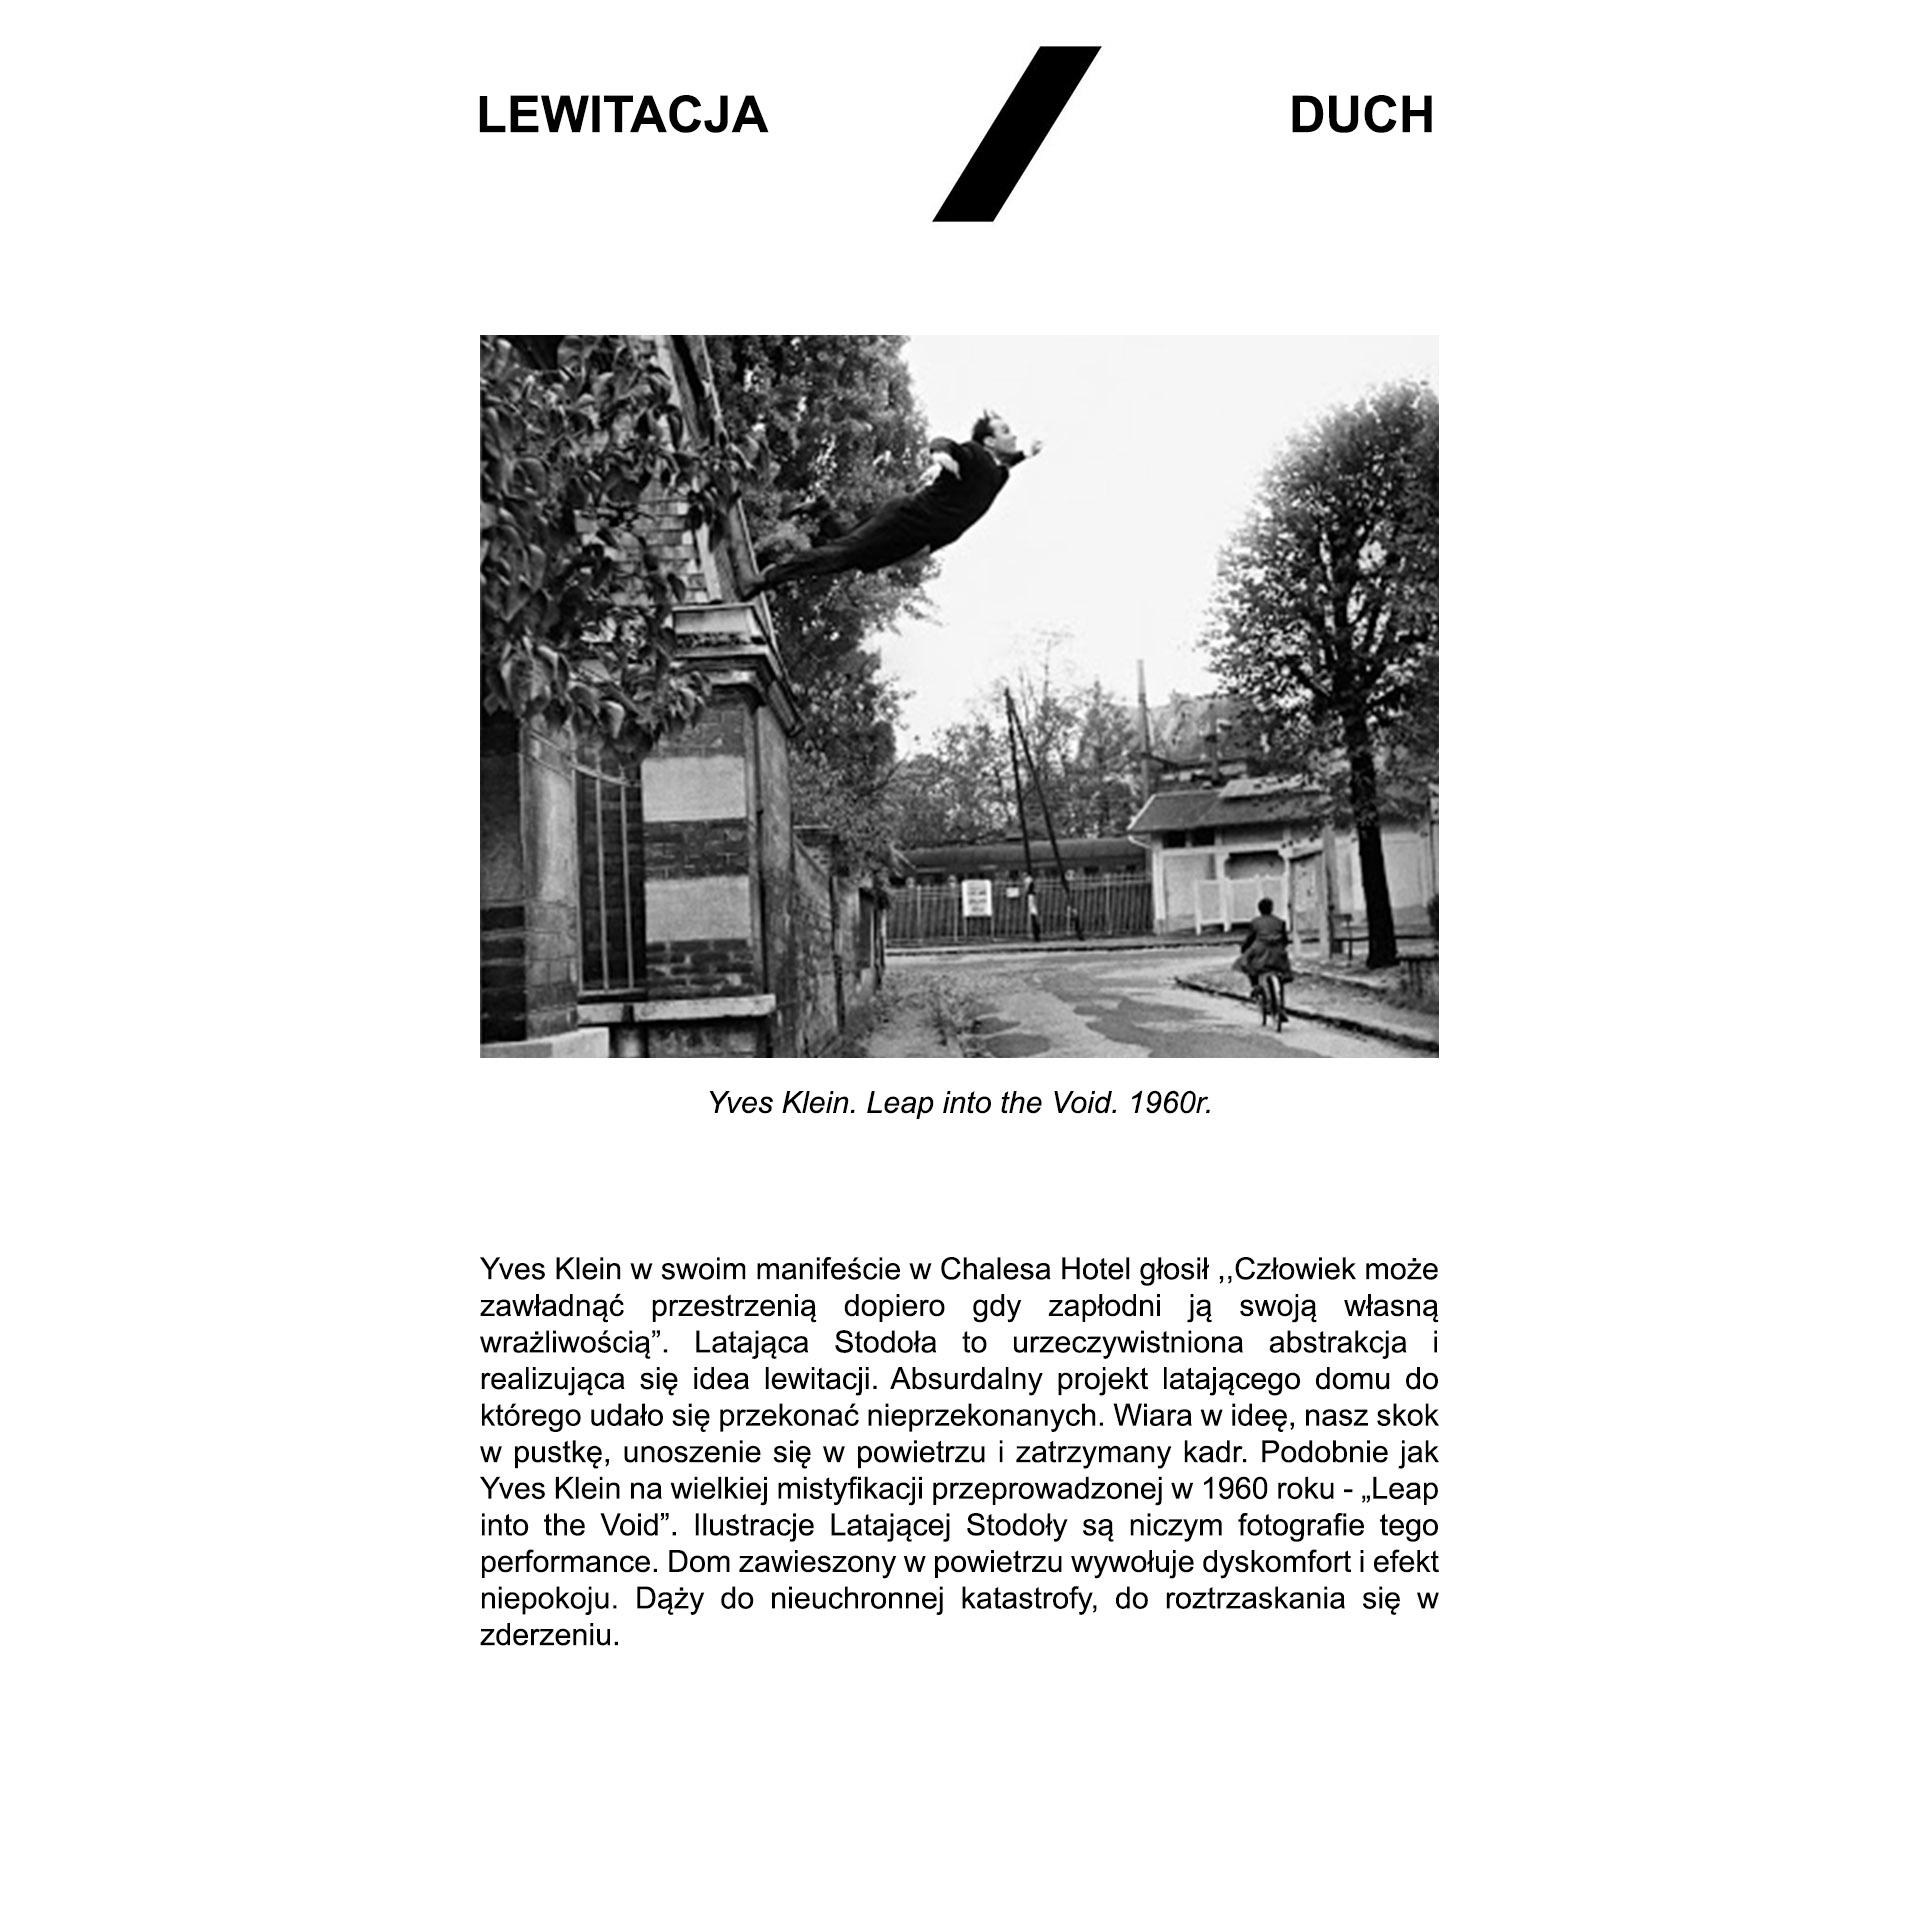 Latająca stodoła - opis lewitacja/duch